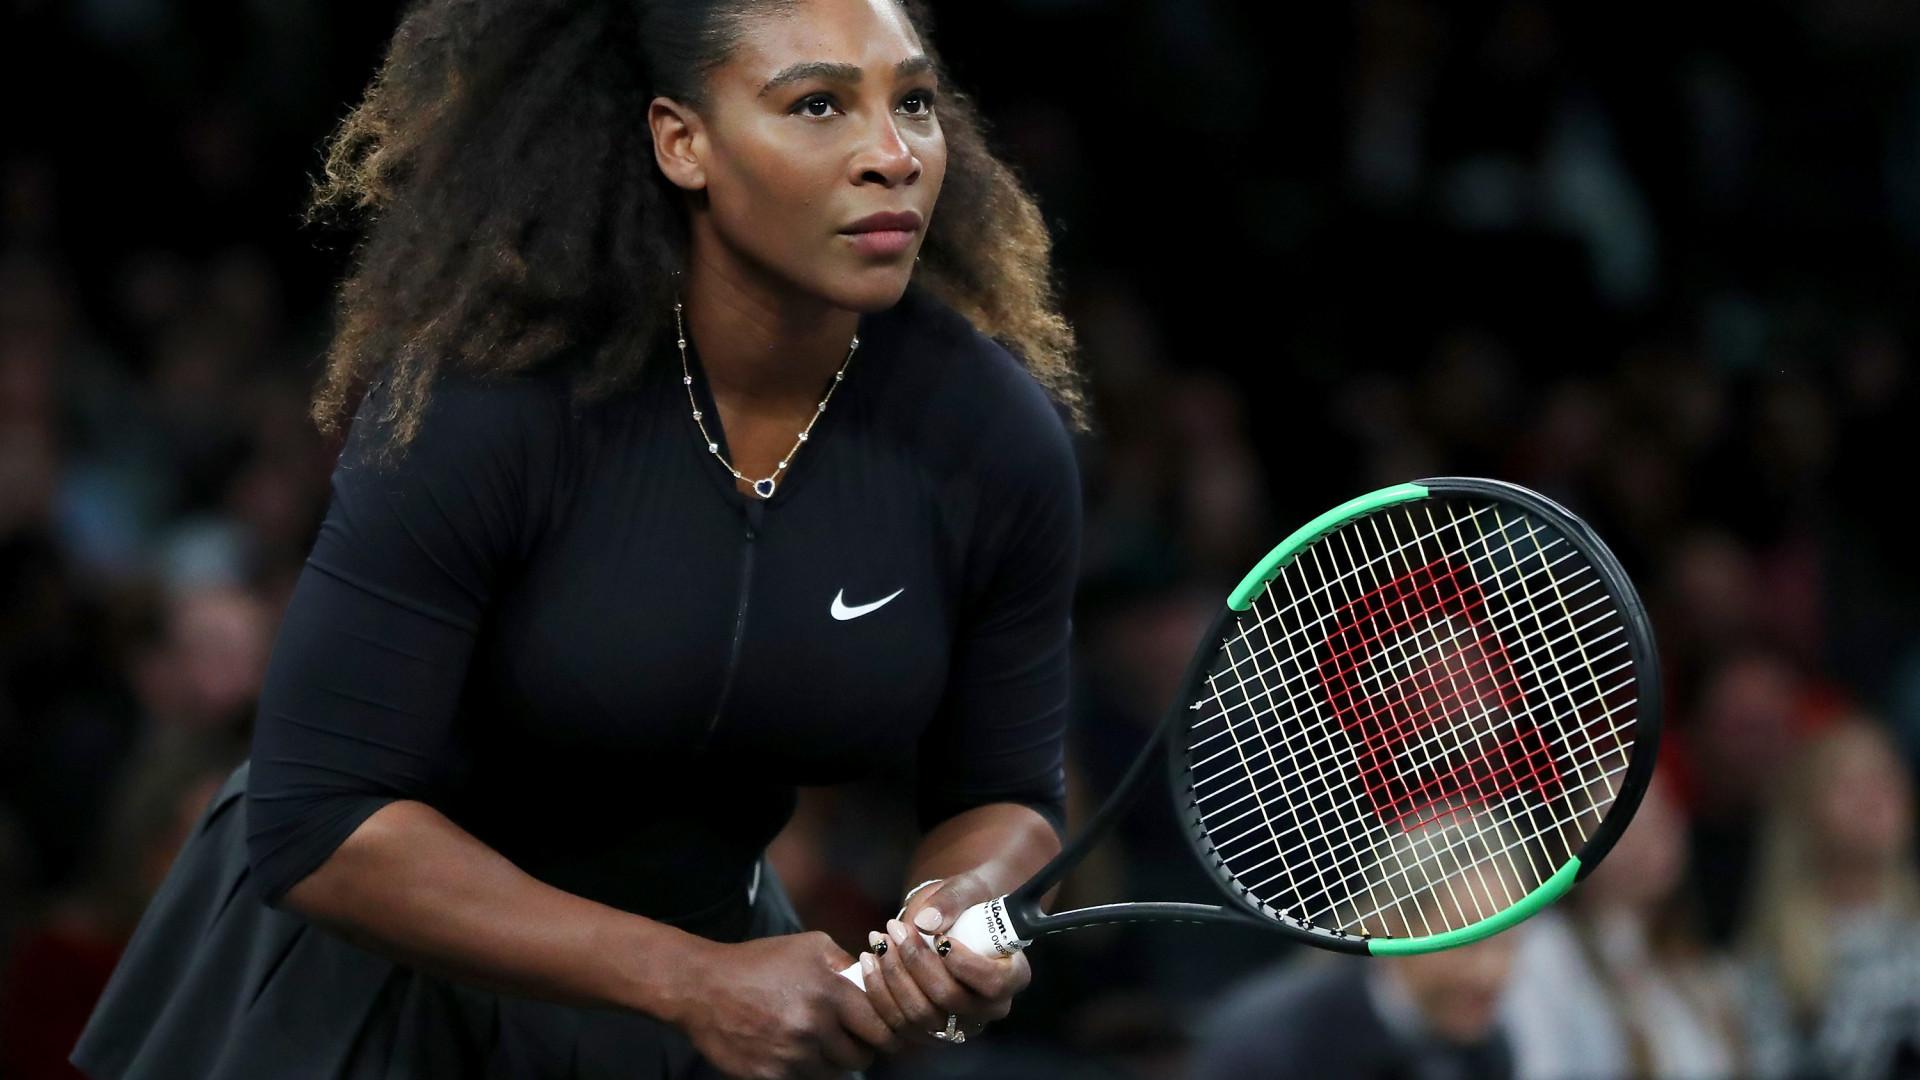 Tenista Serena Williams lança linha própria de maquilhagem